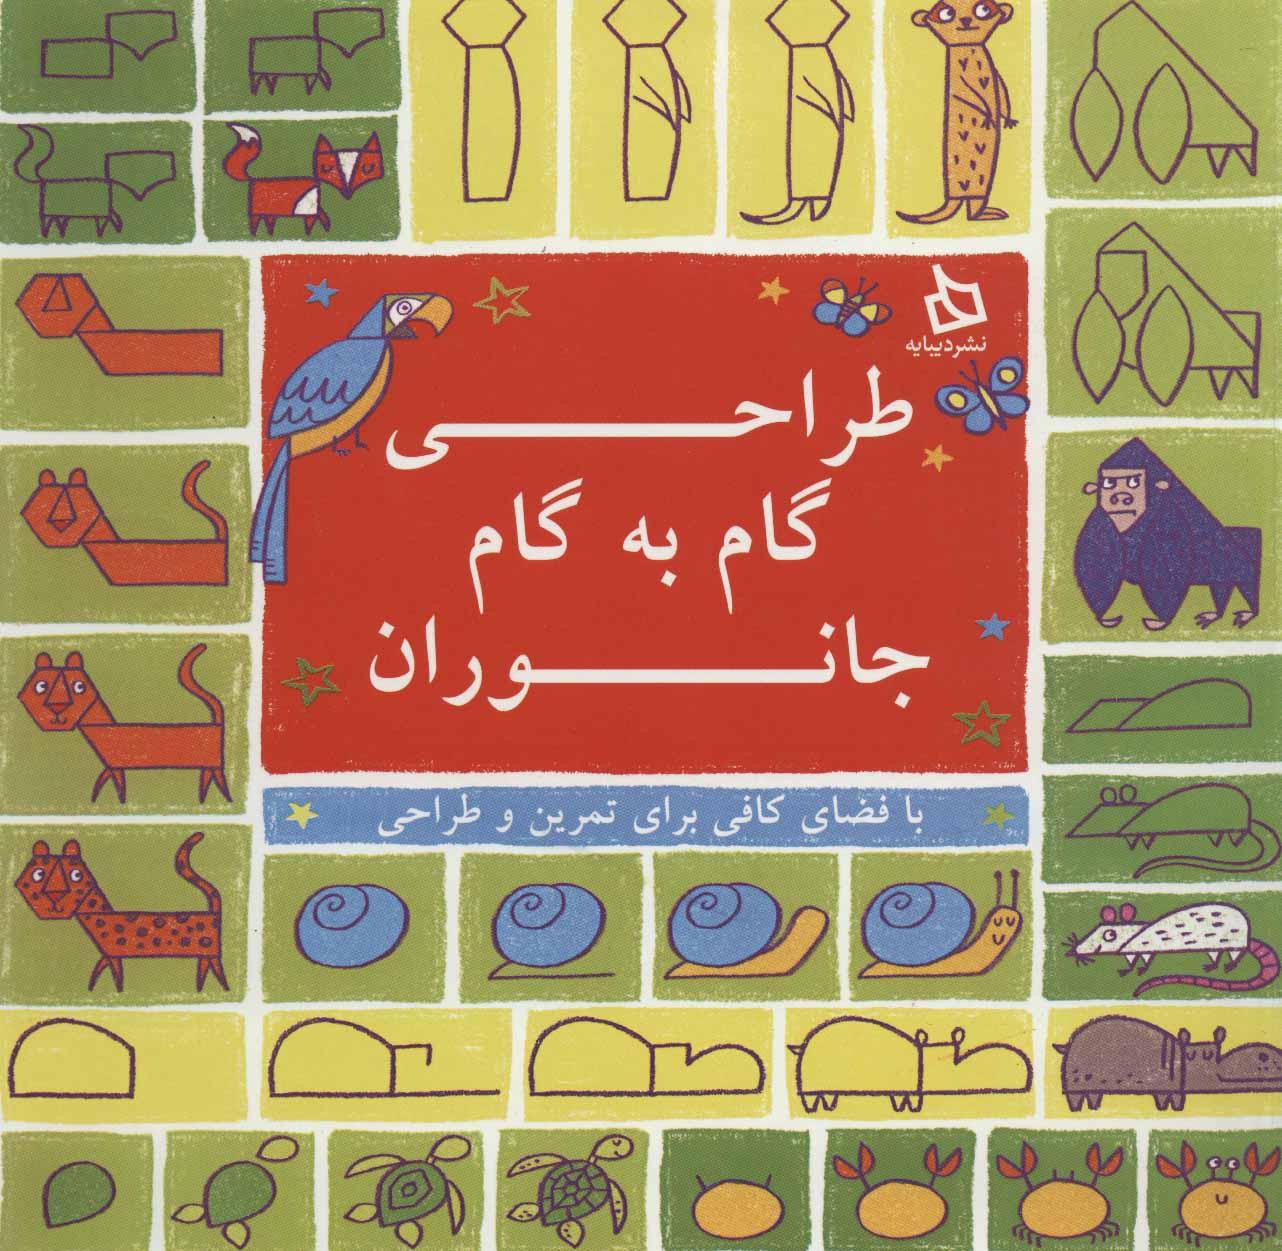 کتاب طراحی گام به گام جانوران